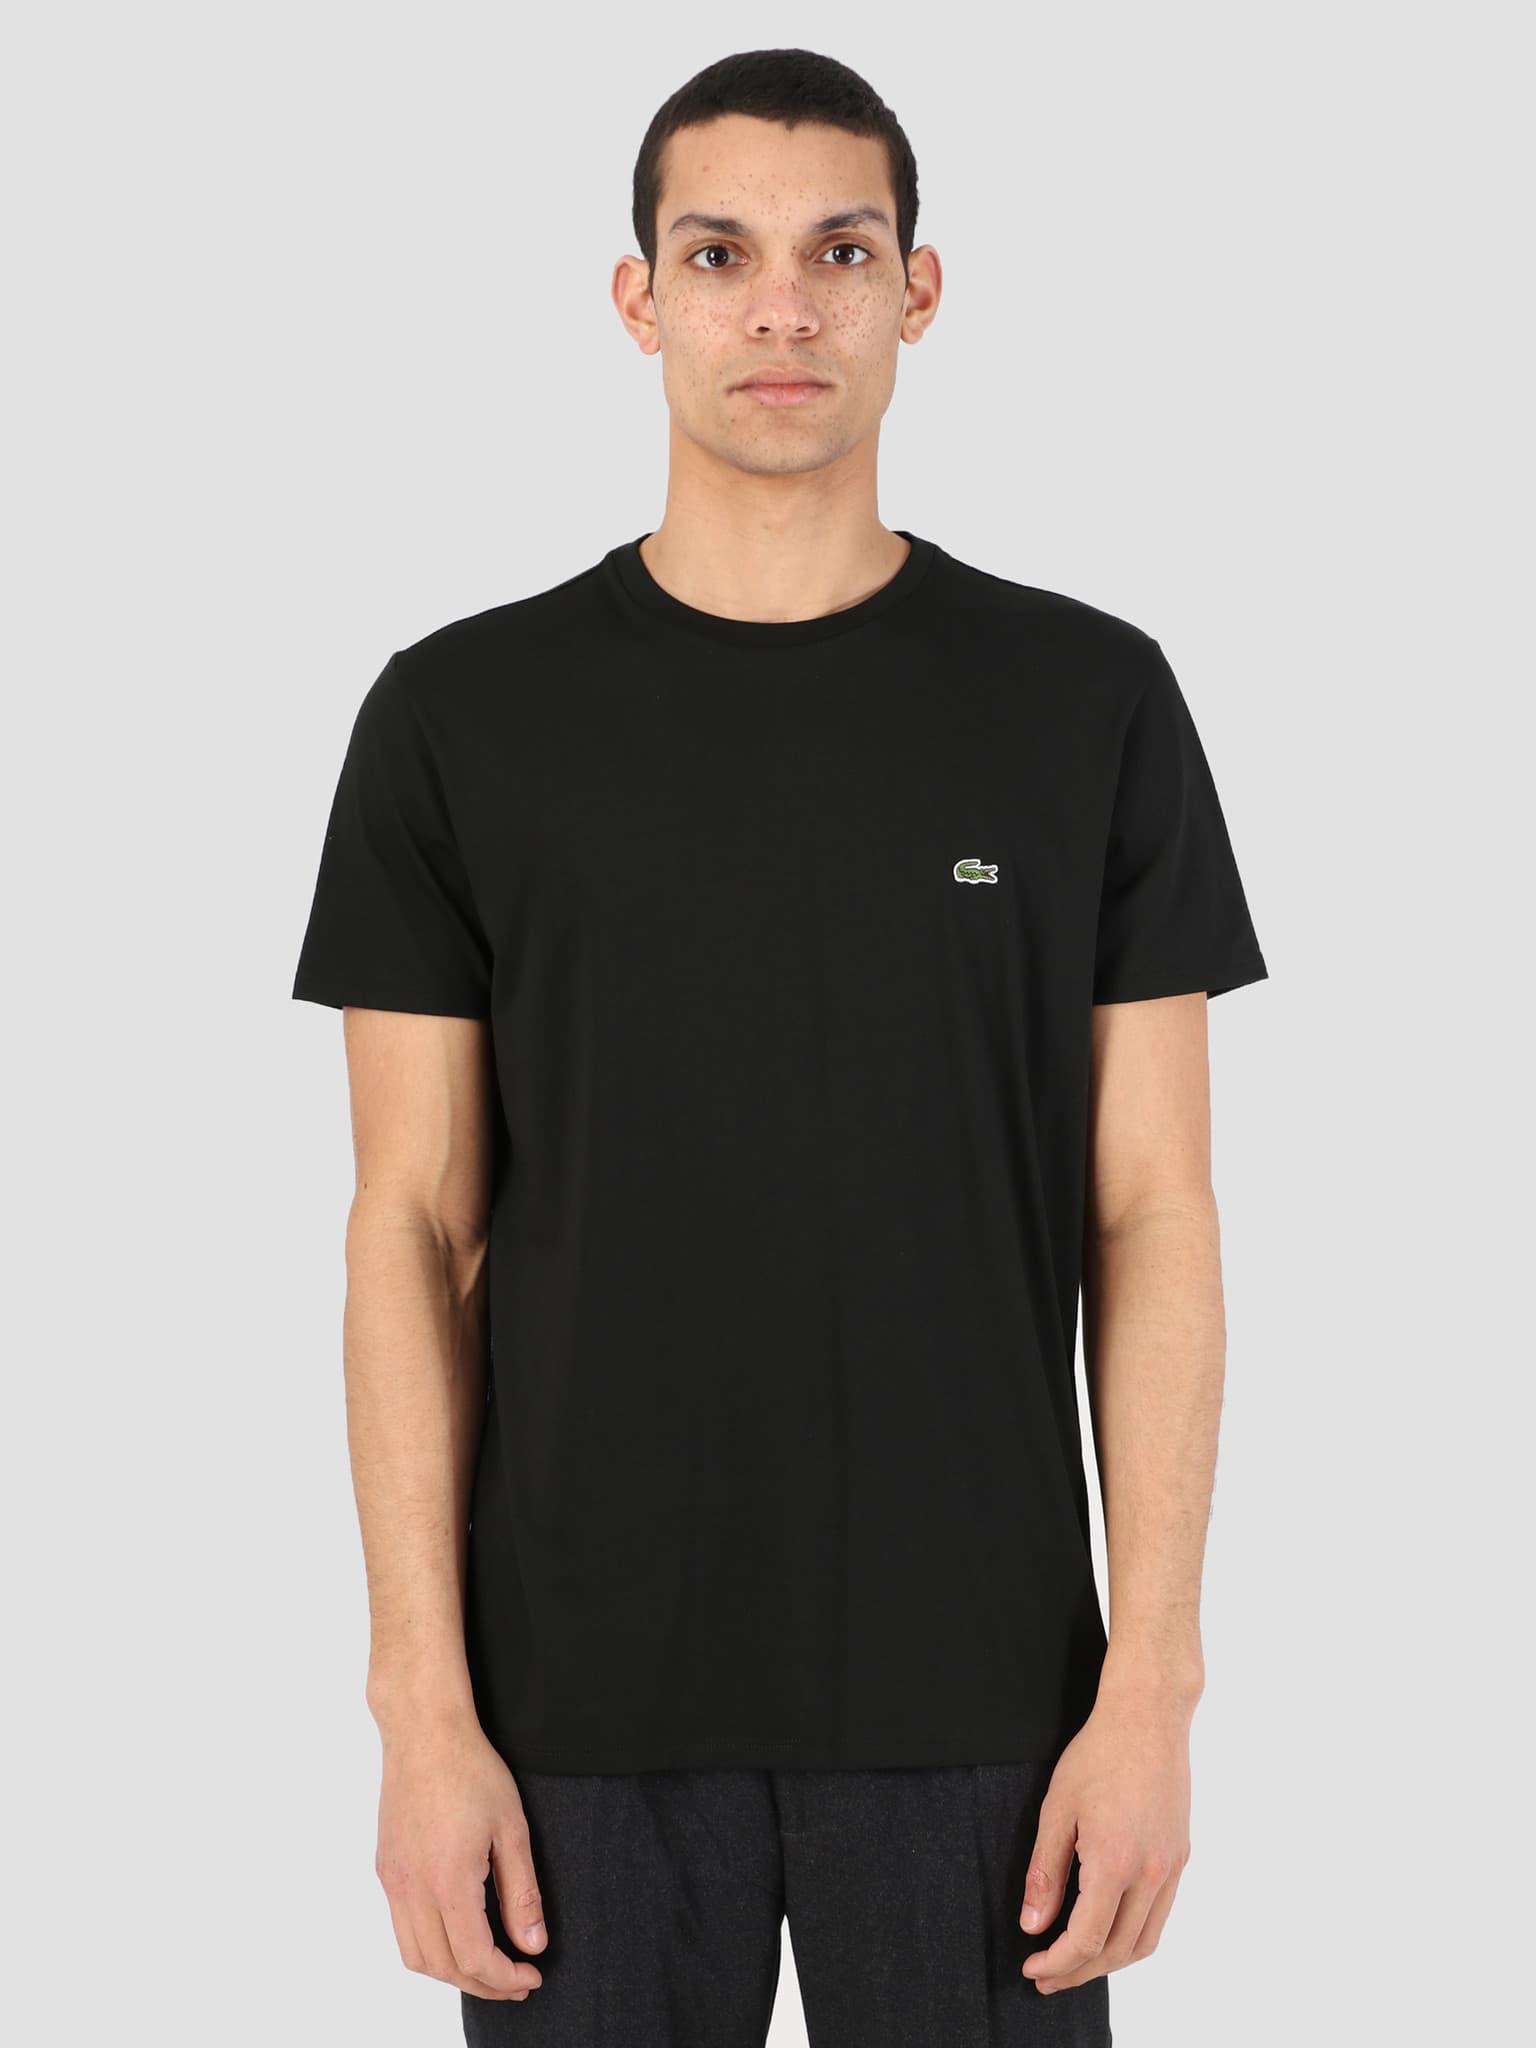 1Ht1 Men'S T-Shirt 011 Black Th6709-91